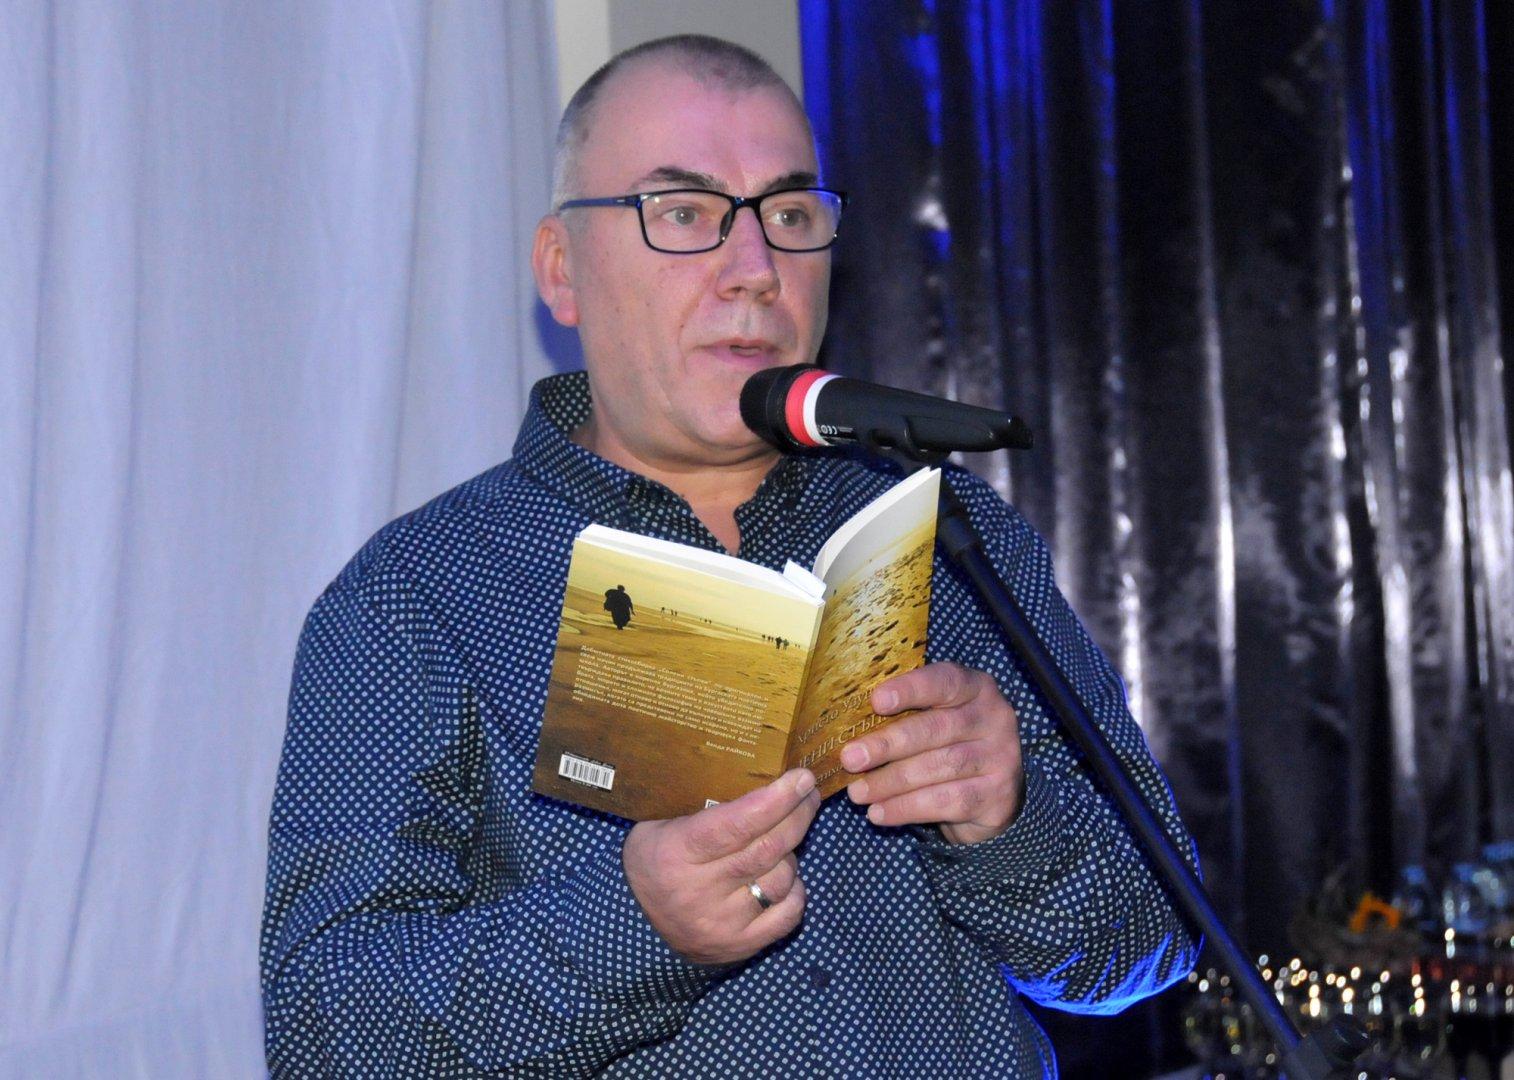 Христо Узунов представи първата си стихосбирка пред бургазлии. Снимки Лина Главинова